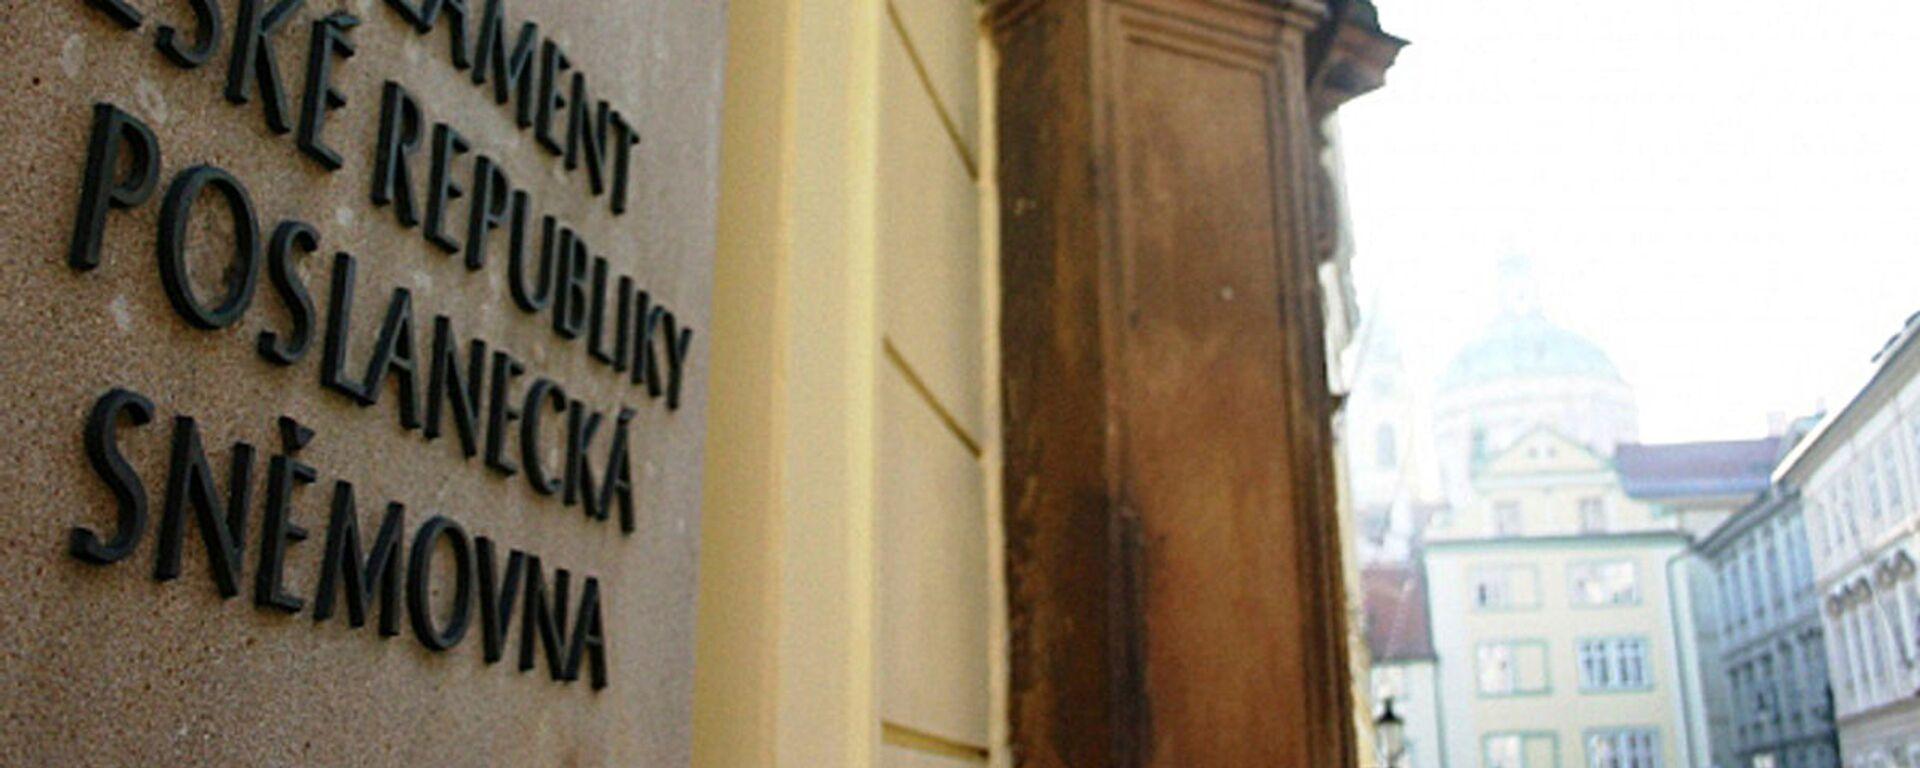 Poslanecká sněmovna Parlamentu České republiky  - Sputnik Česká republika, 1920, 21.01.2021